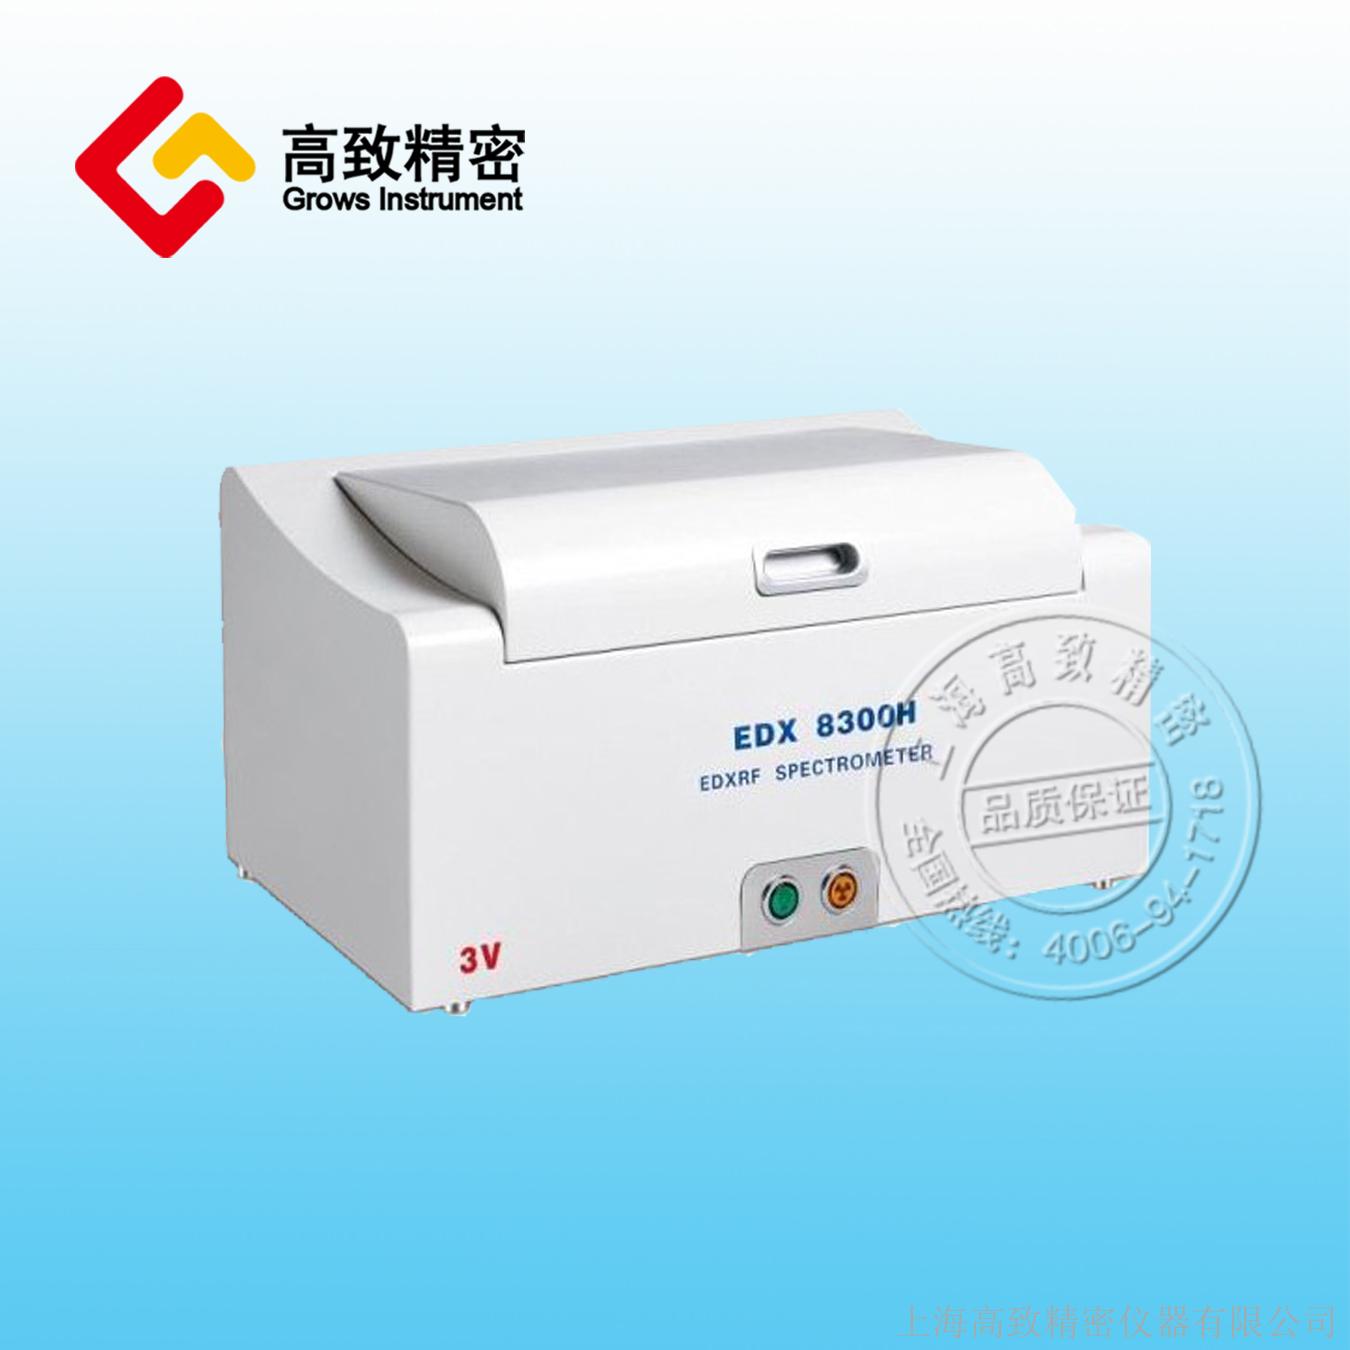 能量色散X熒光光譜儀EDX8300H (真空型)